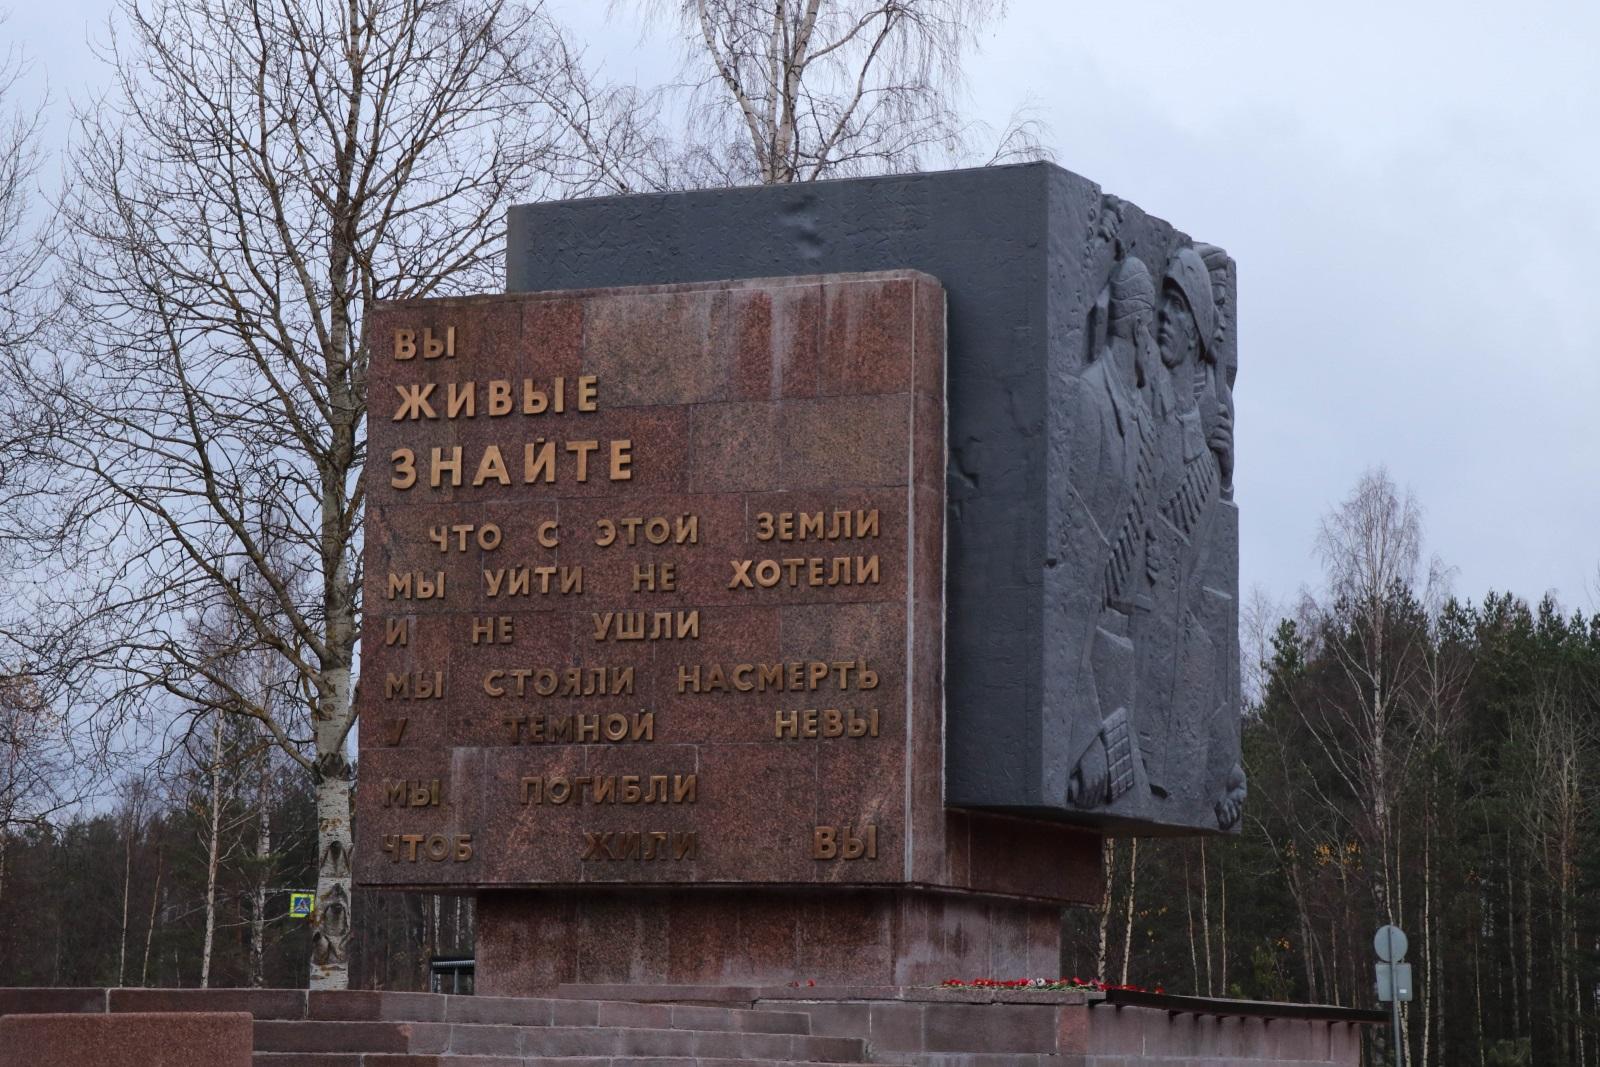 Мемориальная зона Невского пятачка